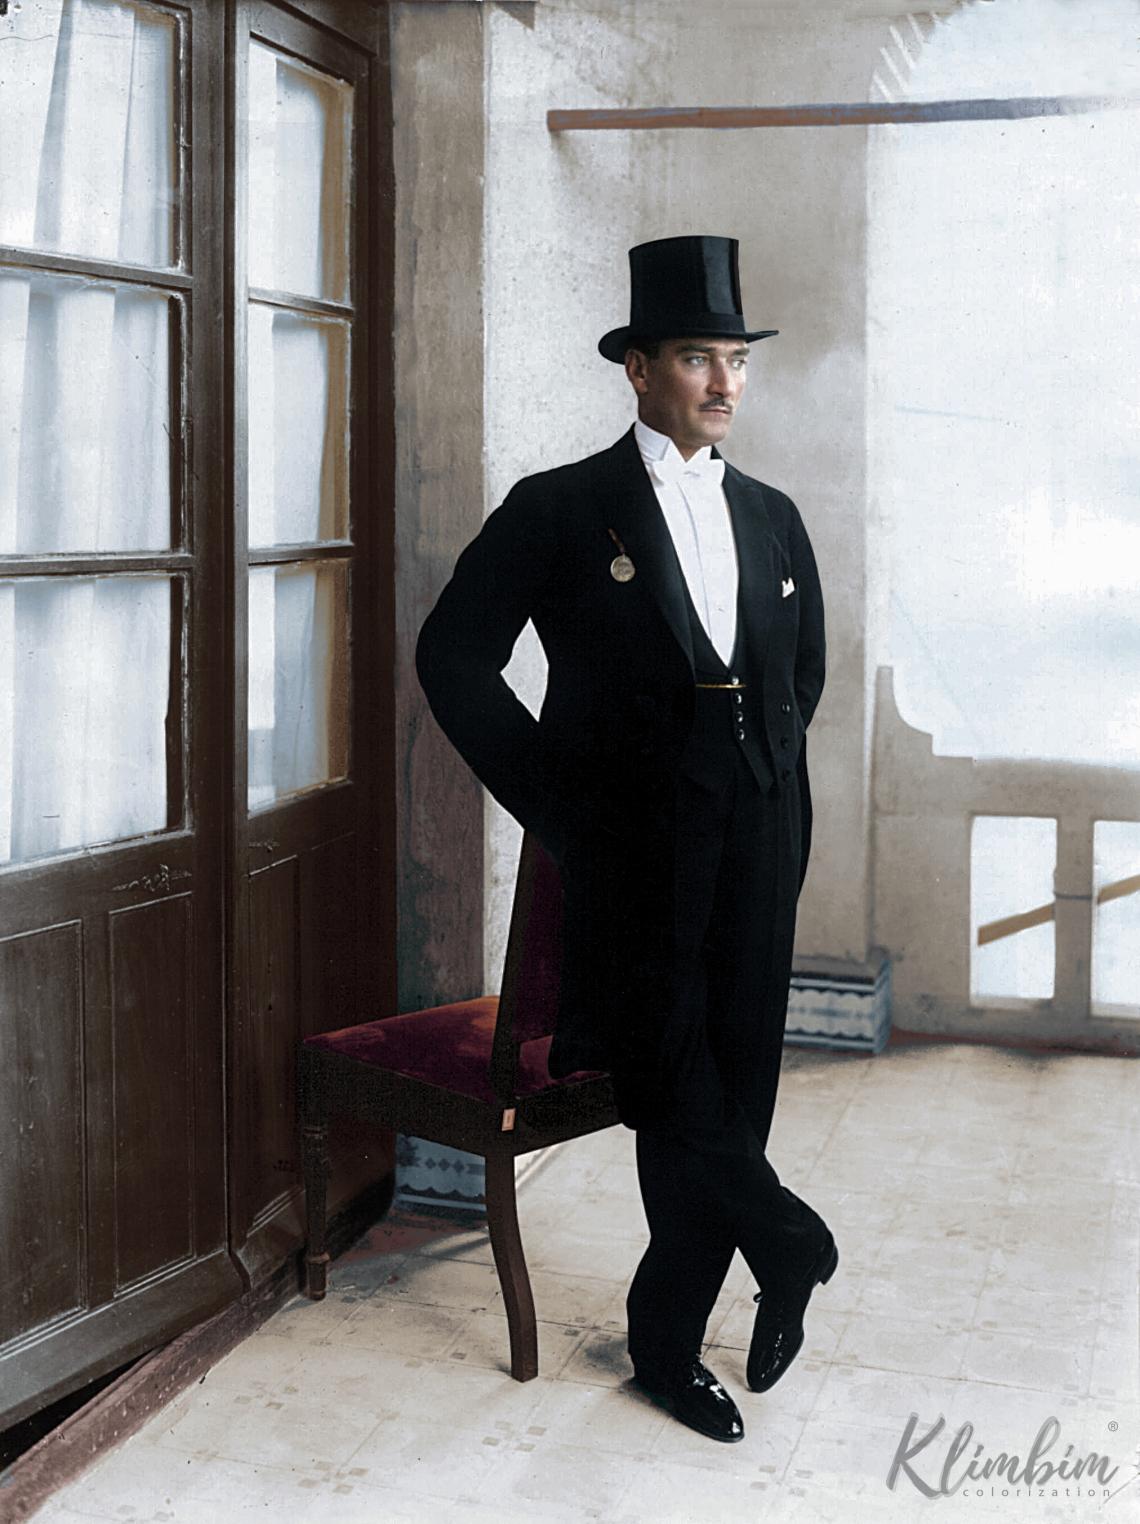 Atatürk_in_white_tie-color.jpg